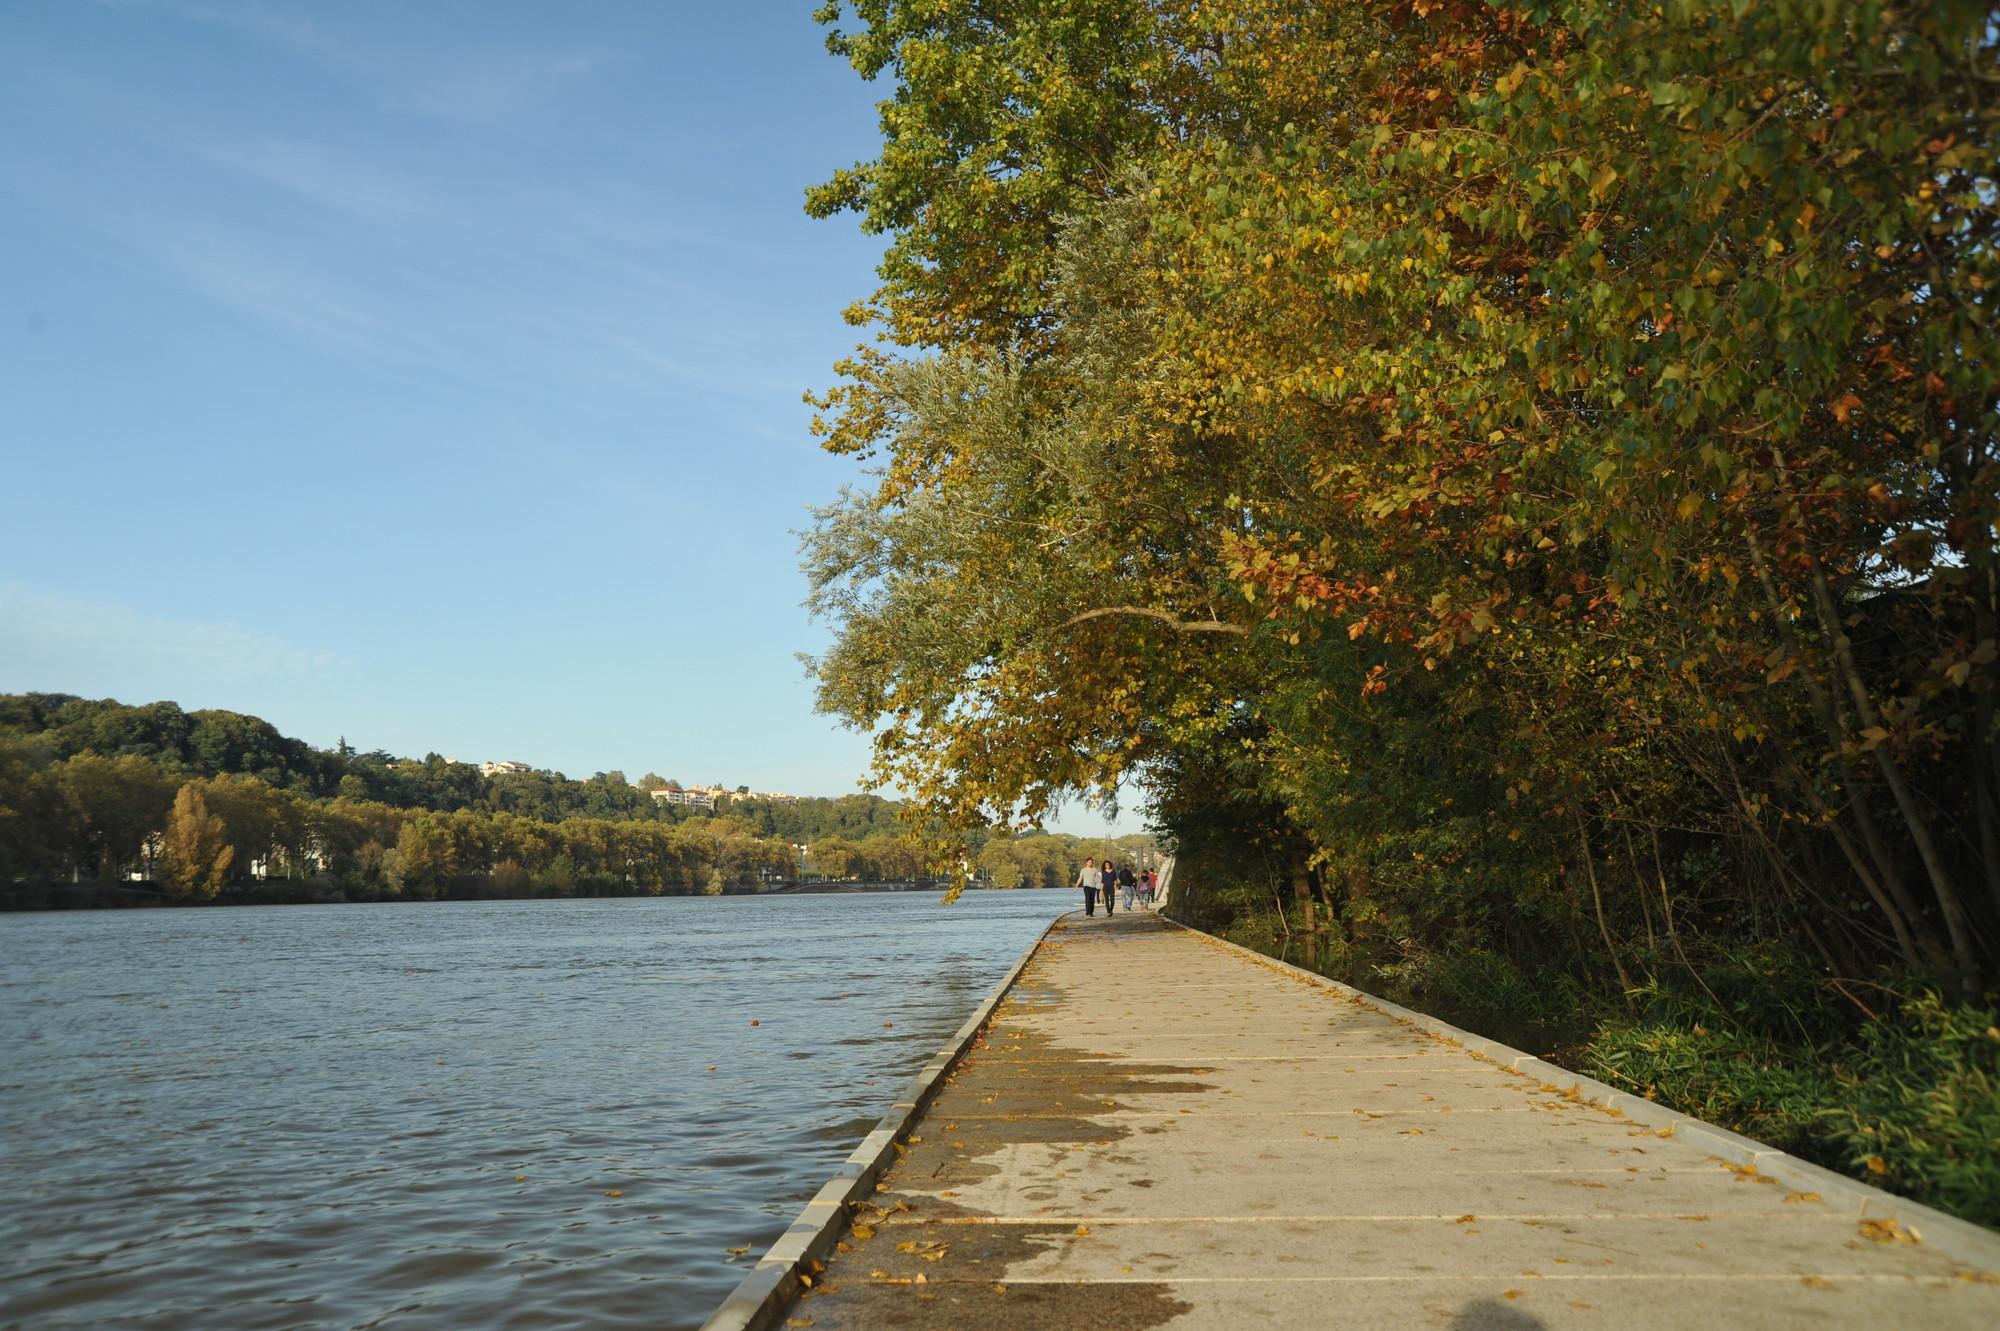 Paisaje y Arquitectura: Rives de Saône, sendero por la ribera del río que conecta naturaleza y ciudad / BASE, Courtesy of BASE